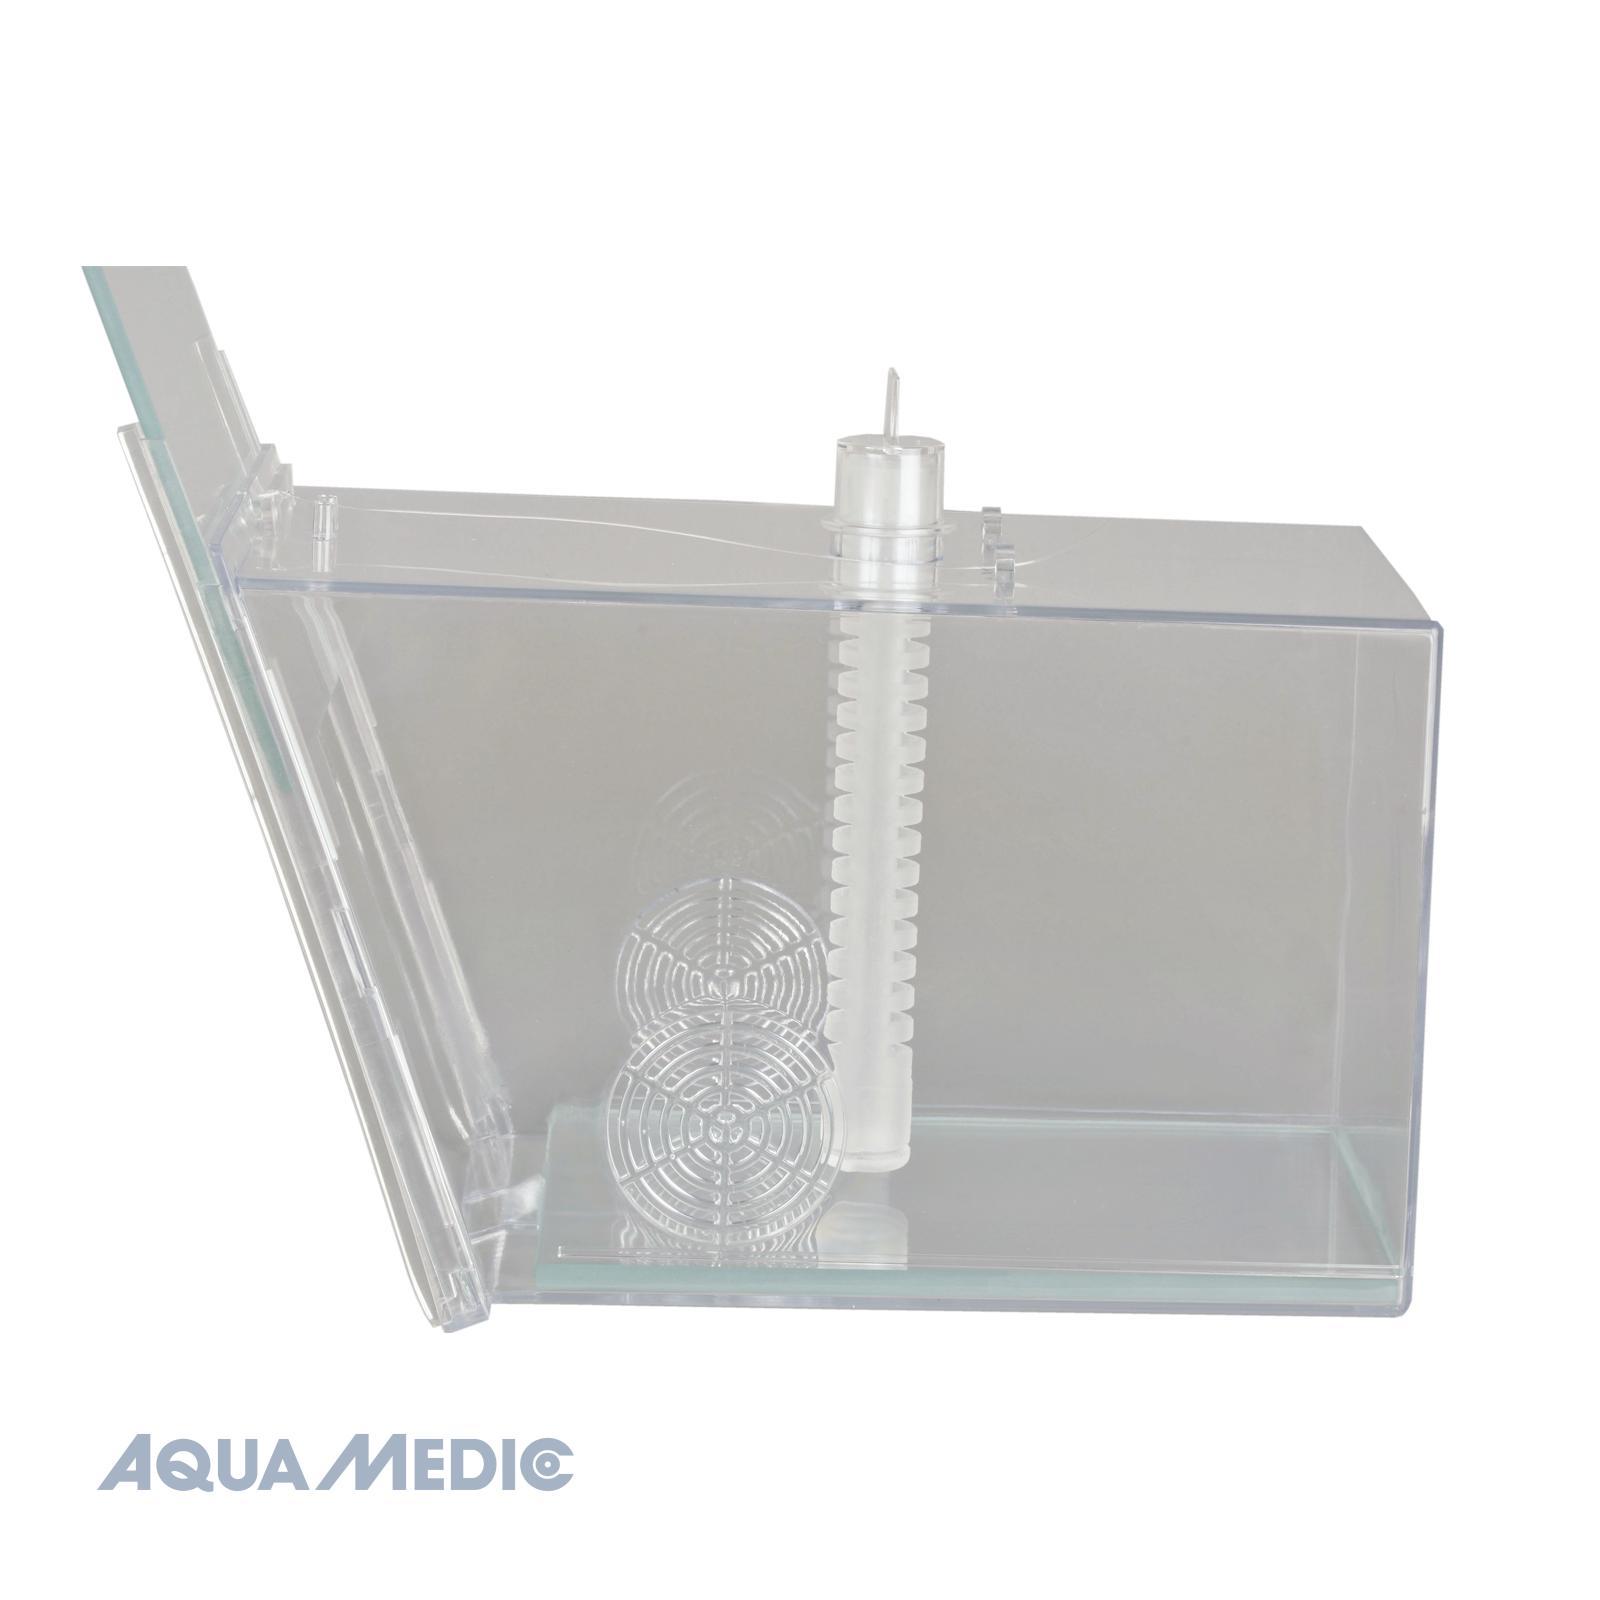 Aquamedic Fish Trap - trappola per pesci AquaMedic